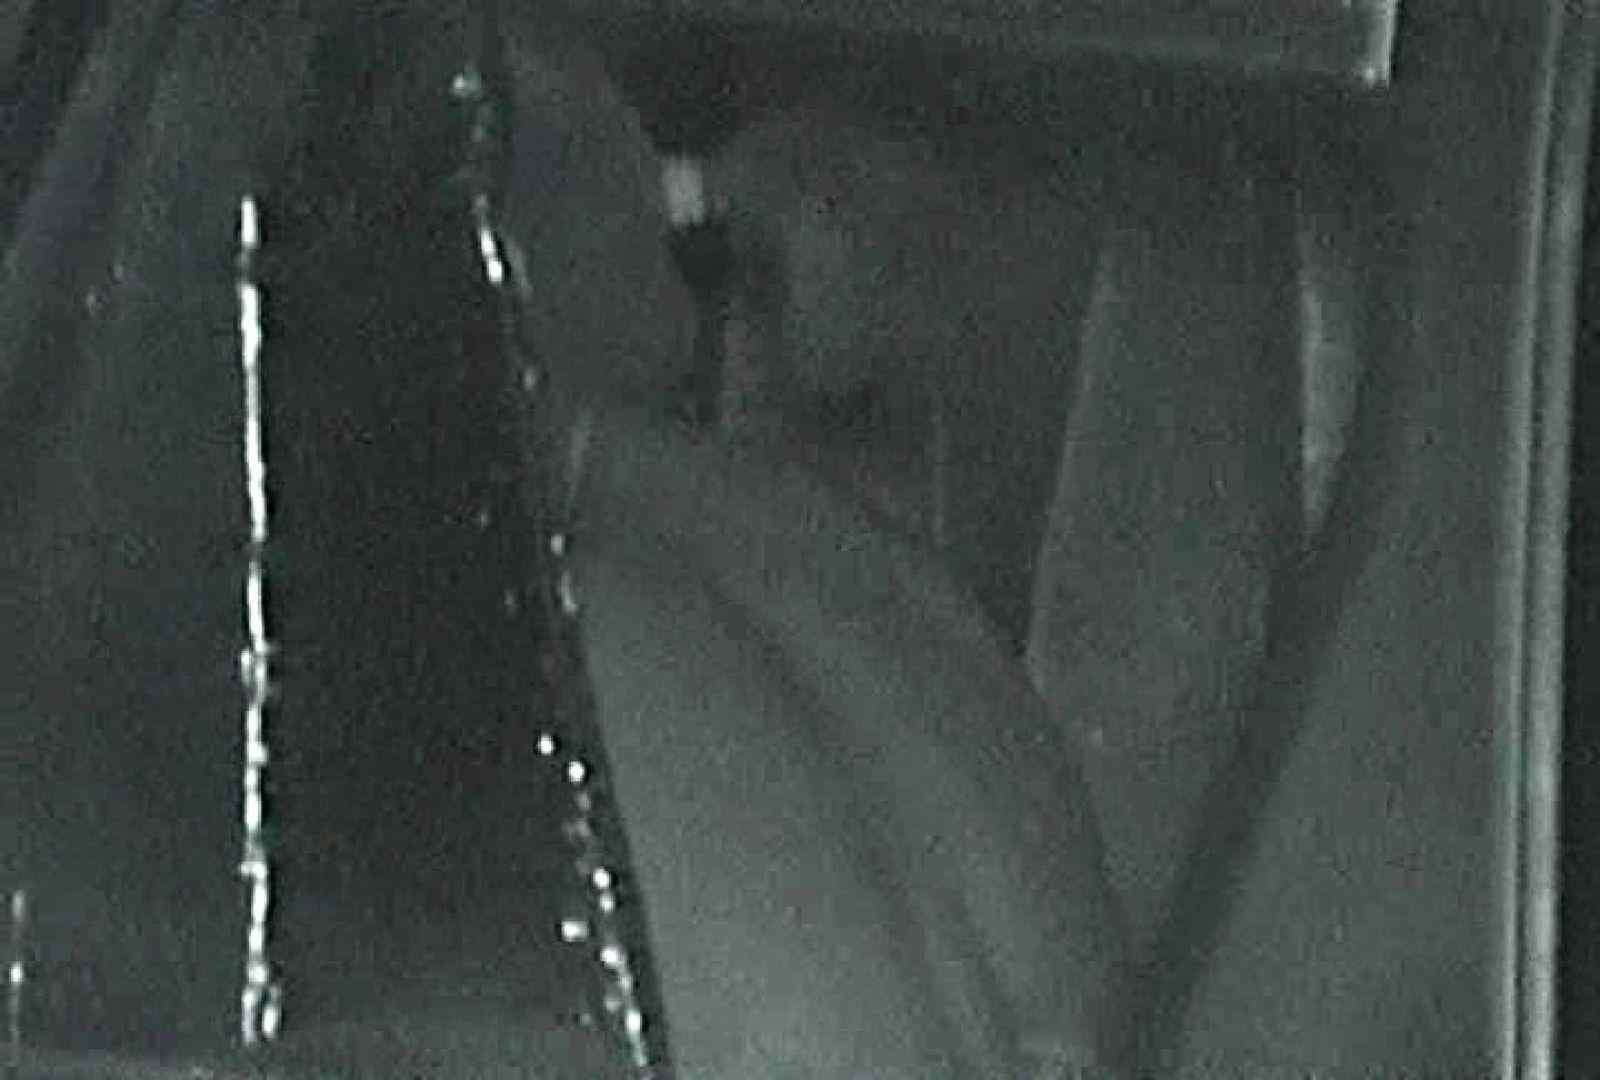 充血監督の深夜の運動会Vol.93 OLの実態 のぞき濡れ場動画紹介 79pic 2